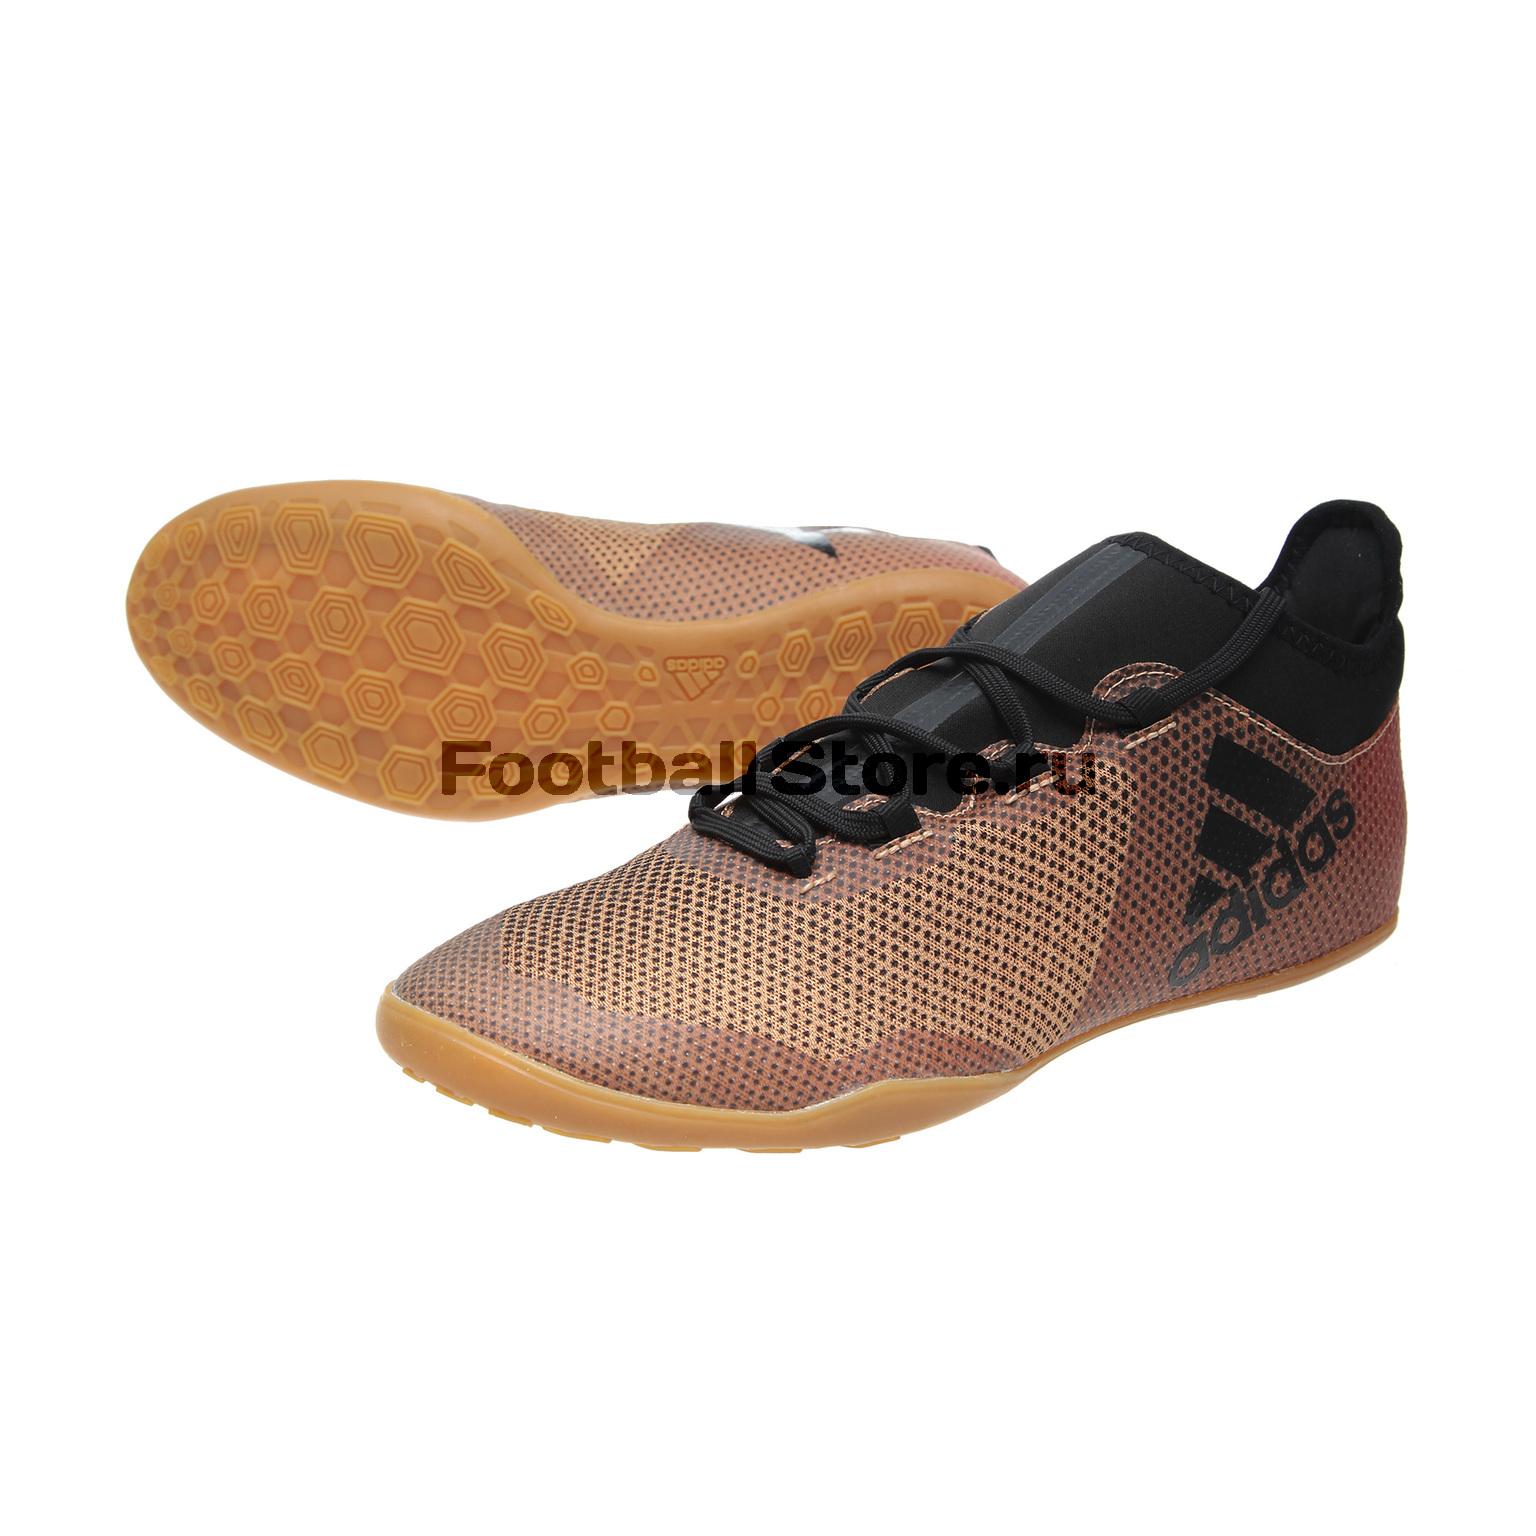 a7959fa02a5b24 Обувь для зала Adidas X Tango 17.3 IN CP9139 – купить футзалки в ...